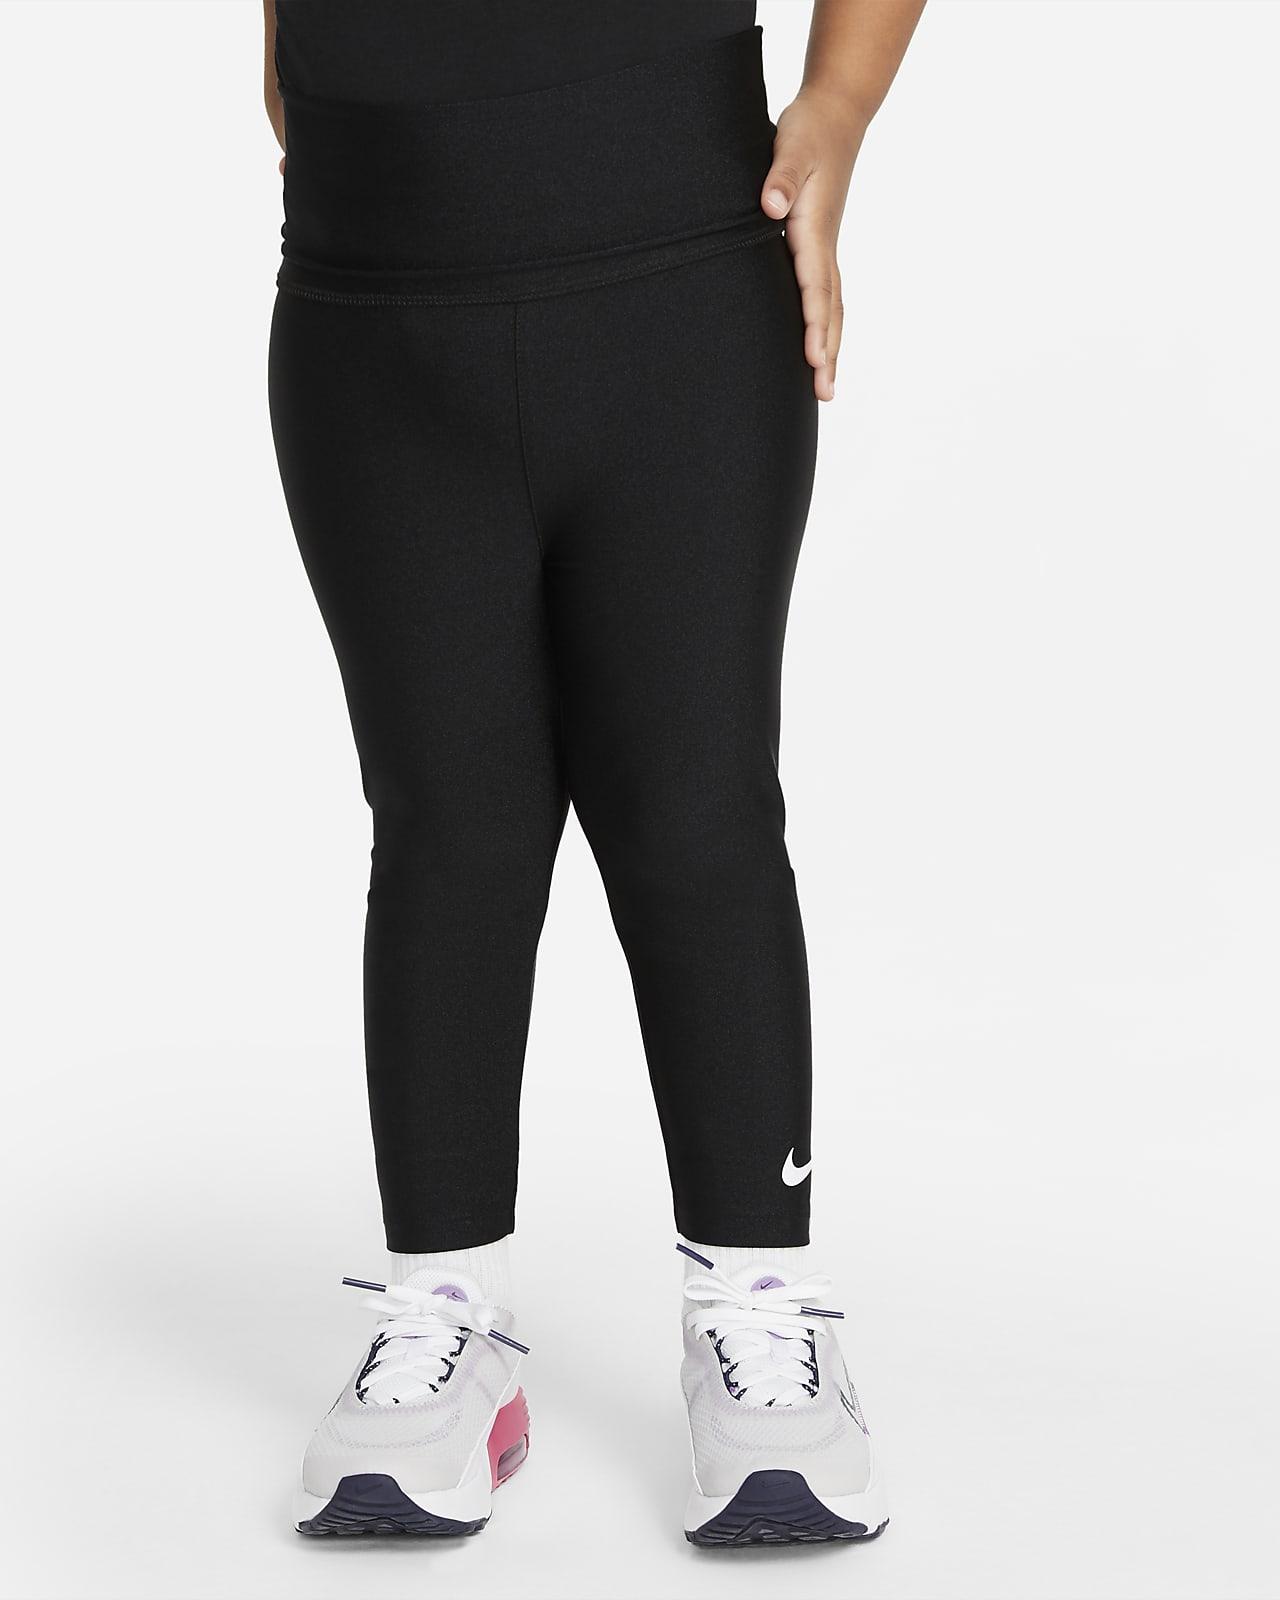 Nike-leggings med høj talje til småbørn